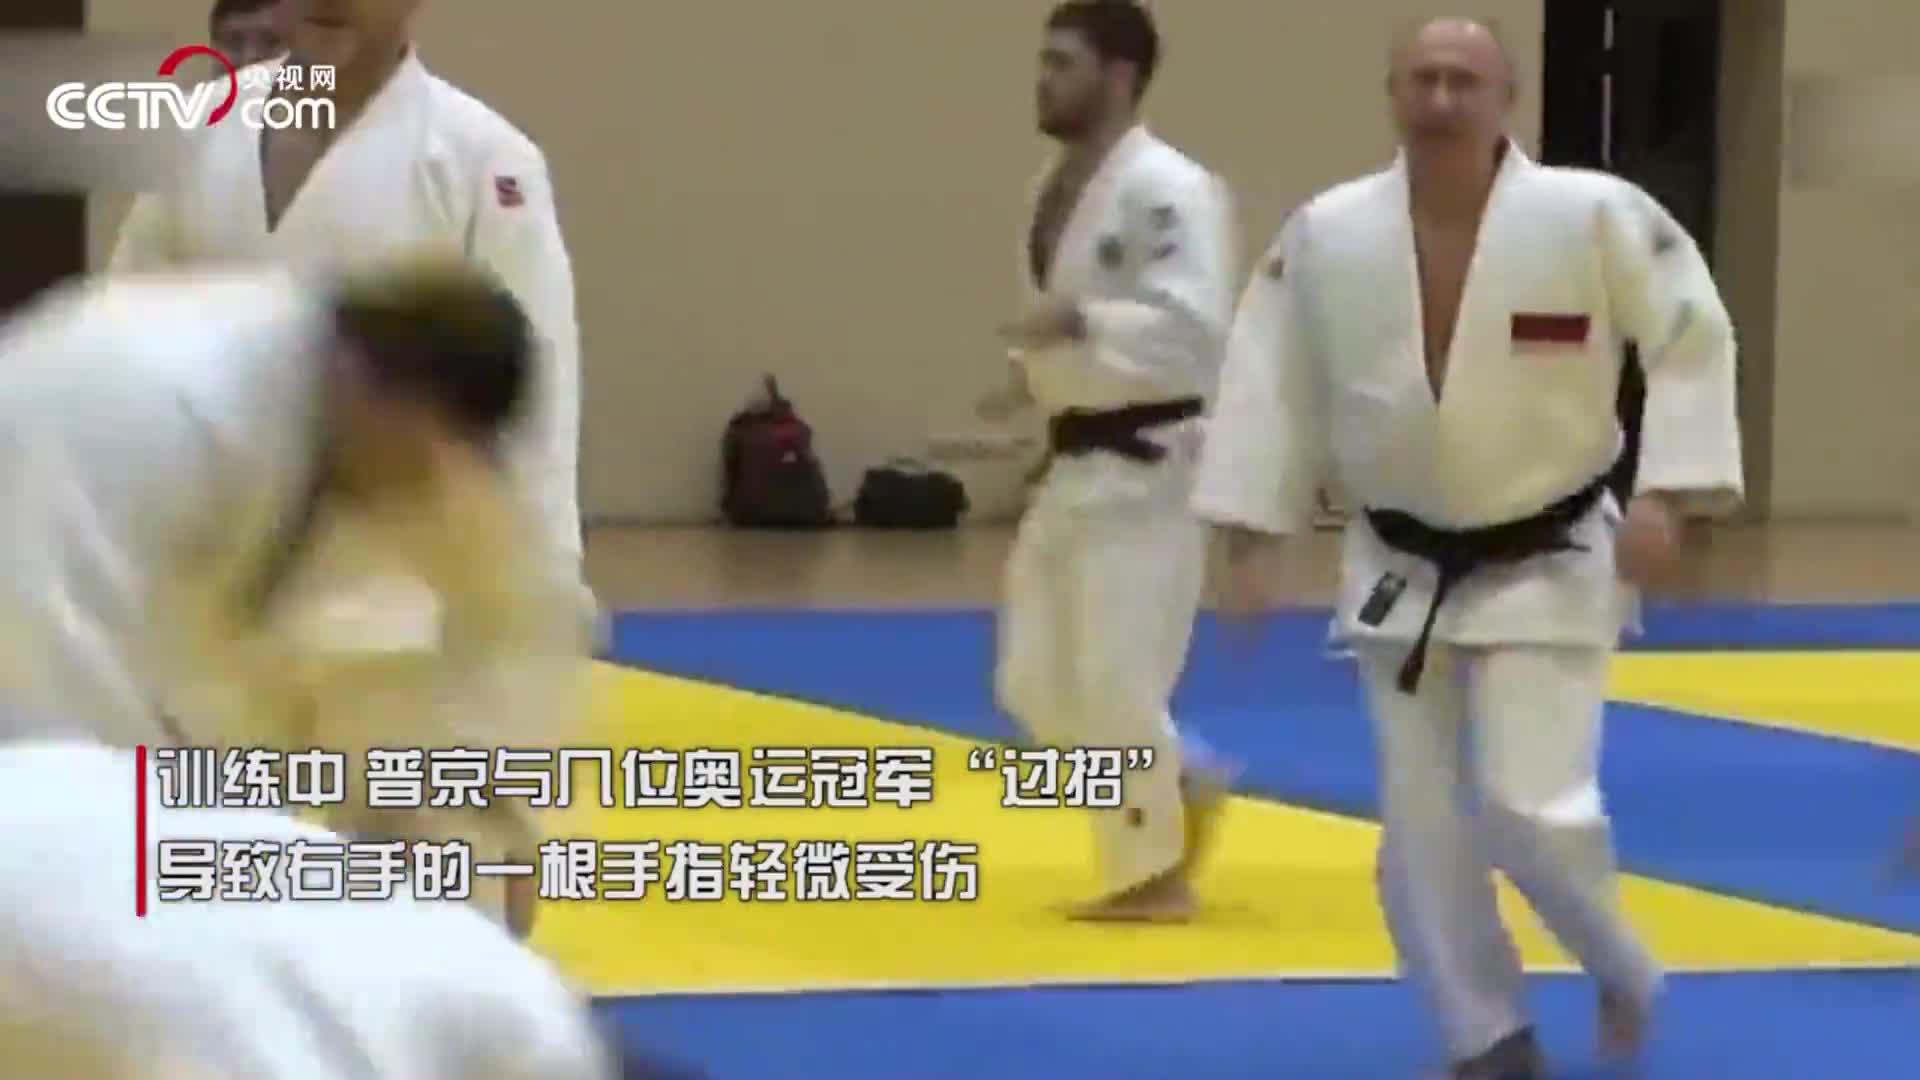 [视频]普京与俄奥运冠军切磋柔道技艺 导致右手手指受伤